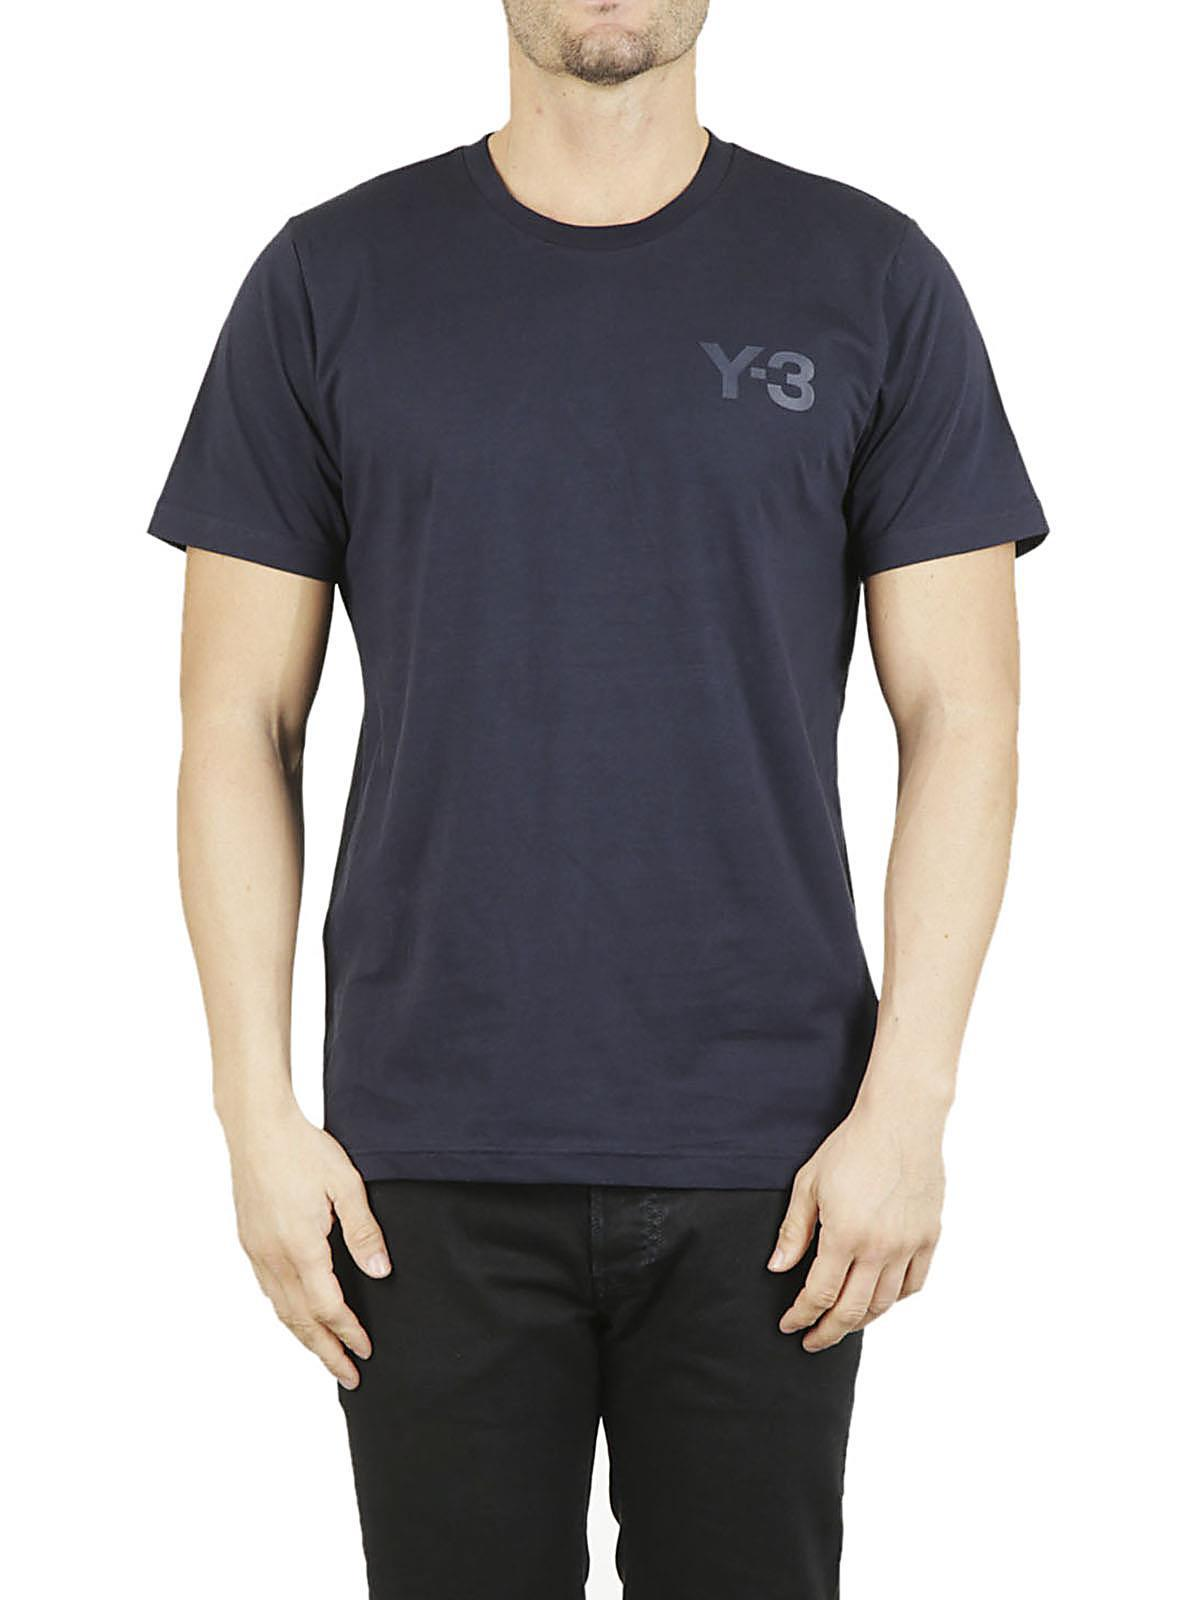 y-3 adidas shirt